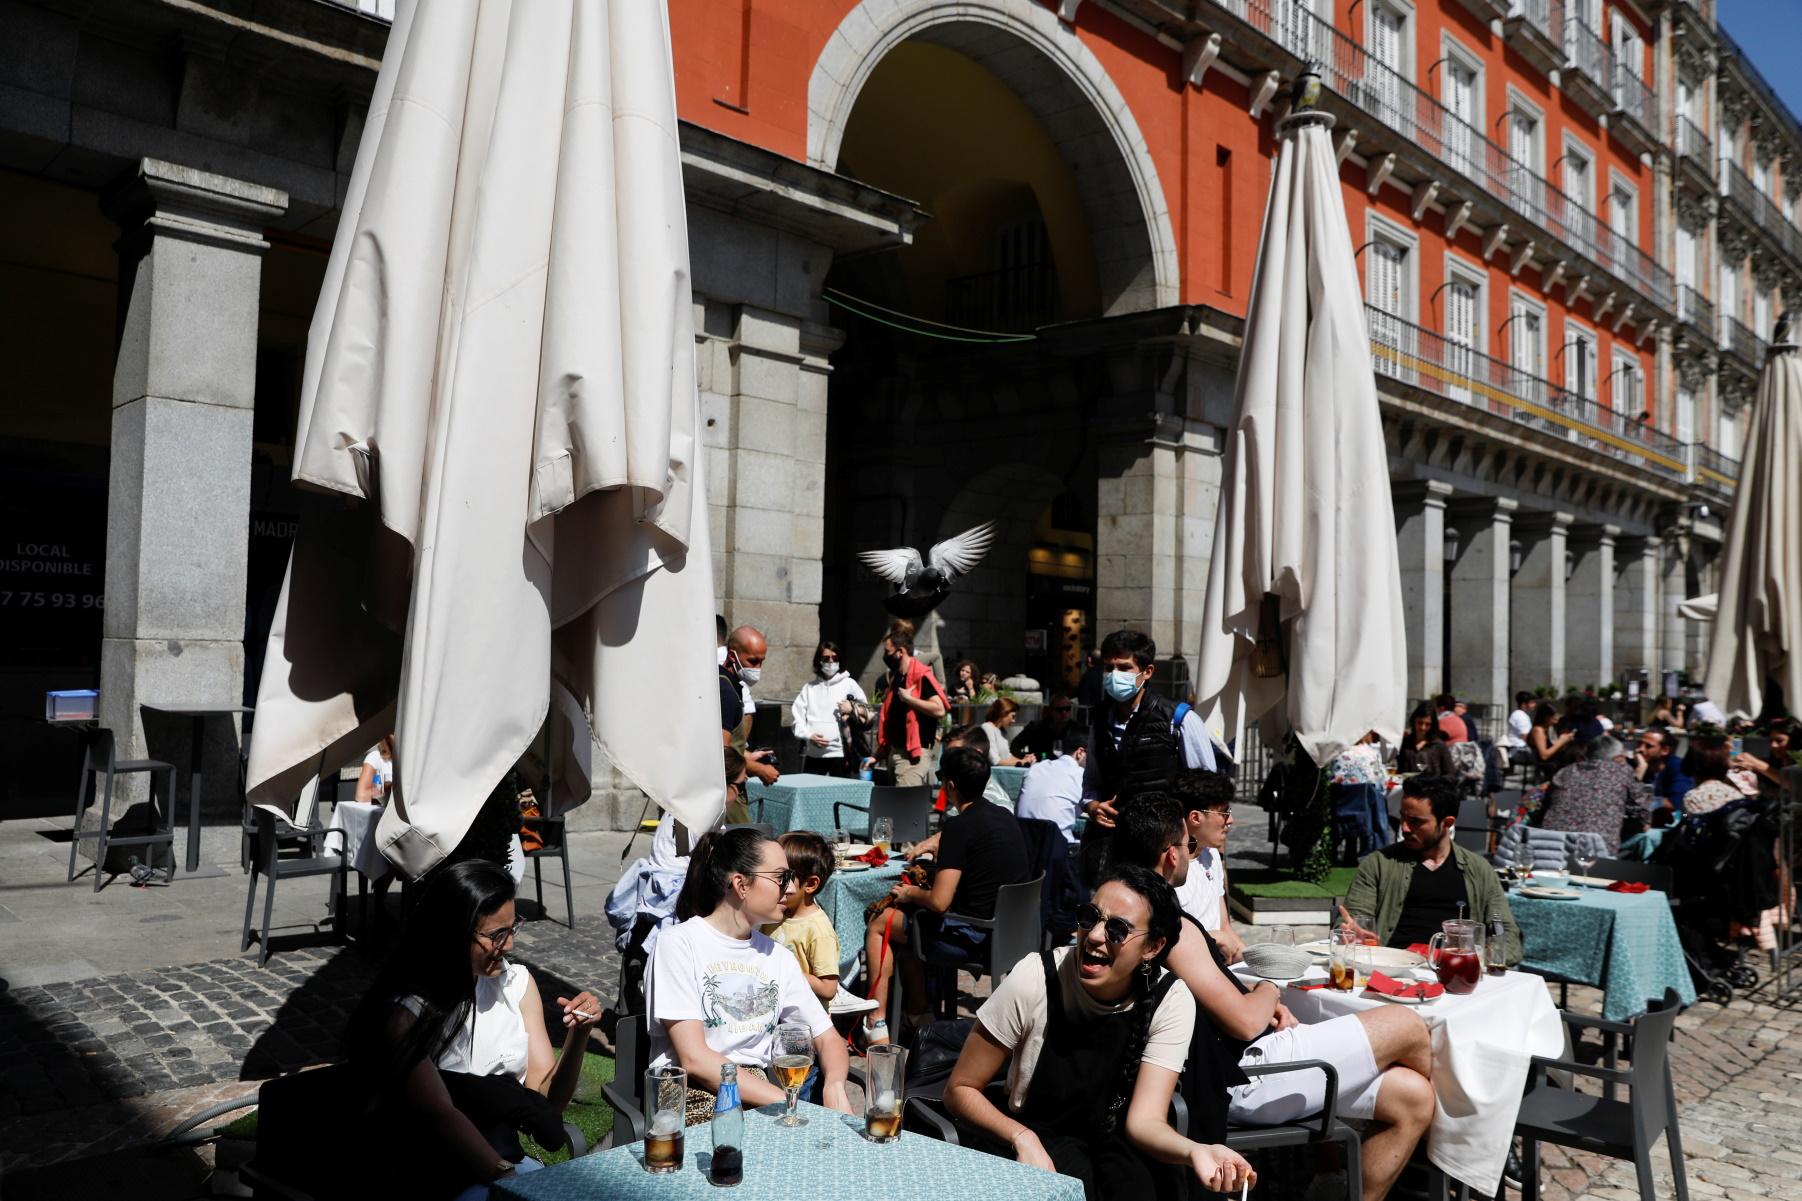 Lockdown – Ισπανία: Η χαλάρωση των μέτρων έφερε μείωση της ανεργίας για πρώτη φορά από πέρυσι